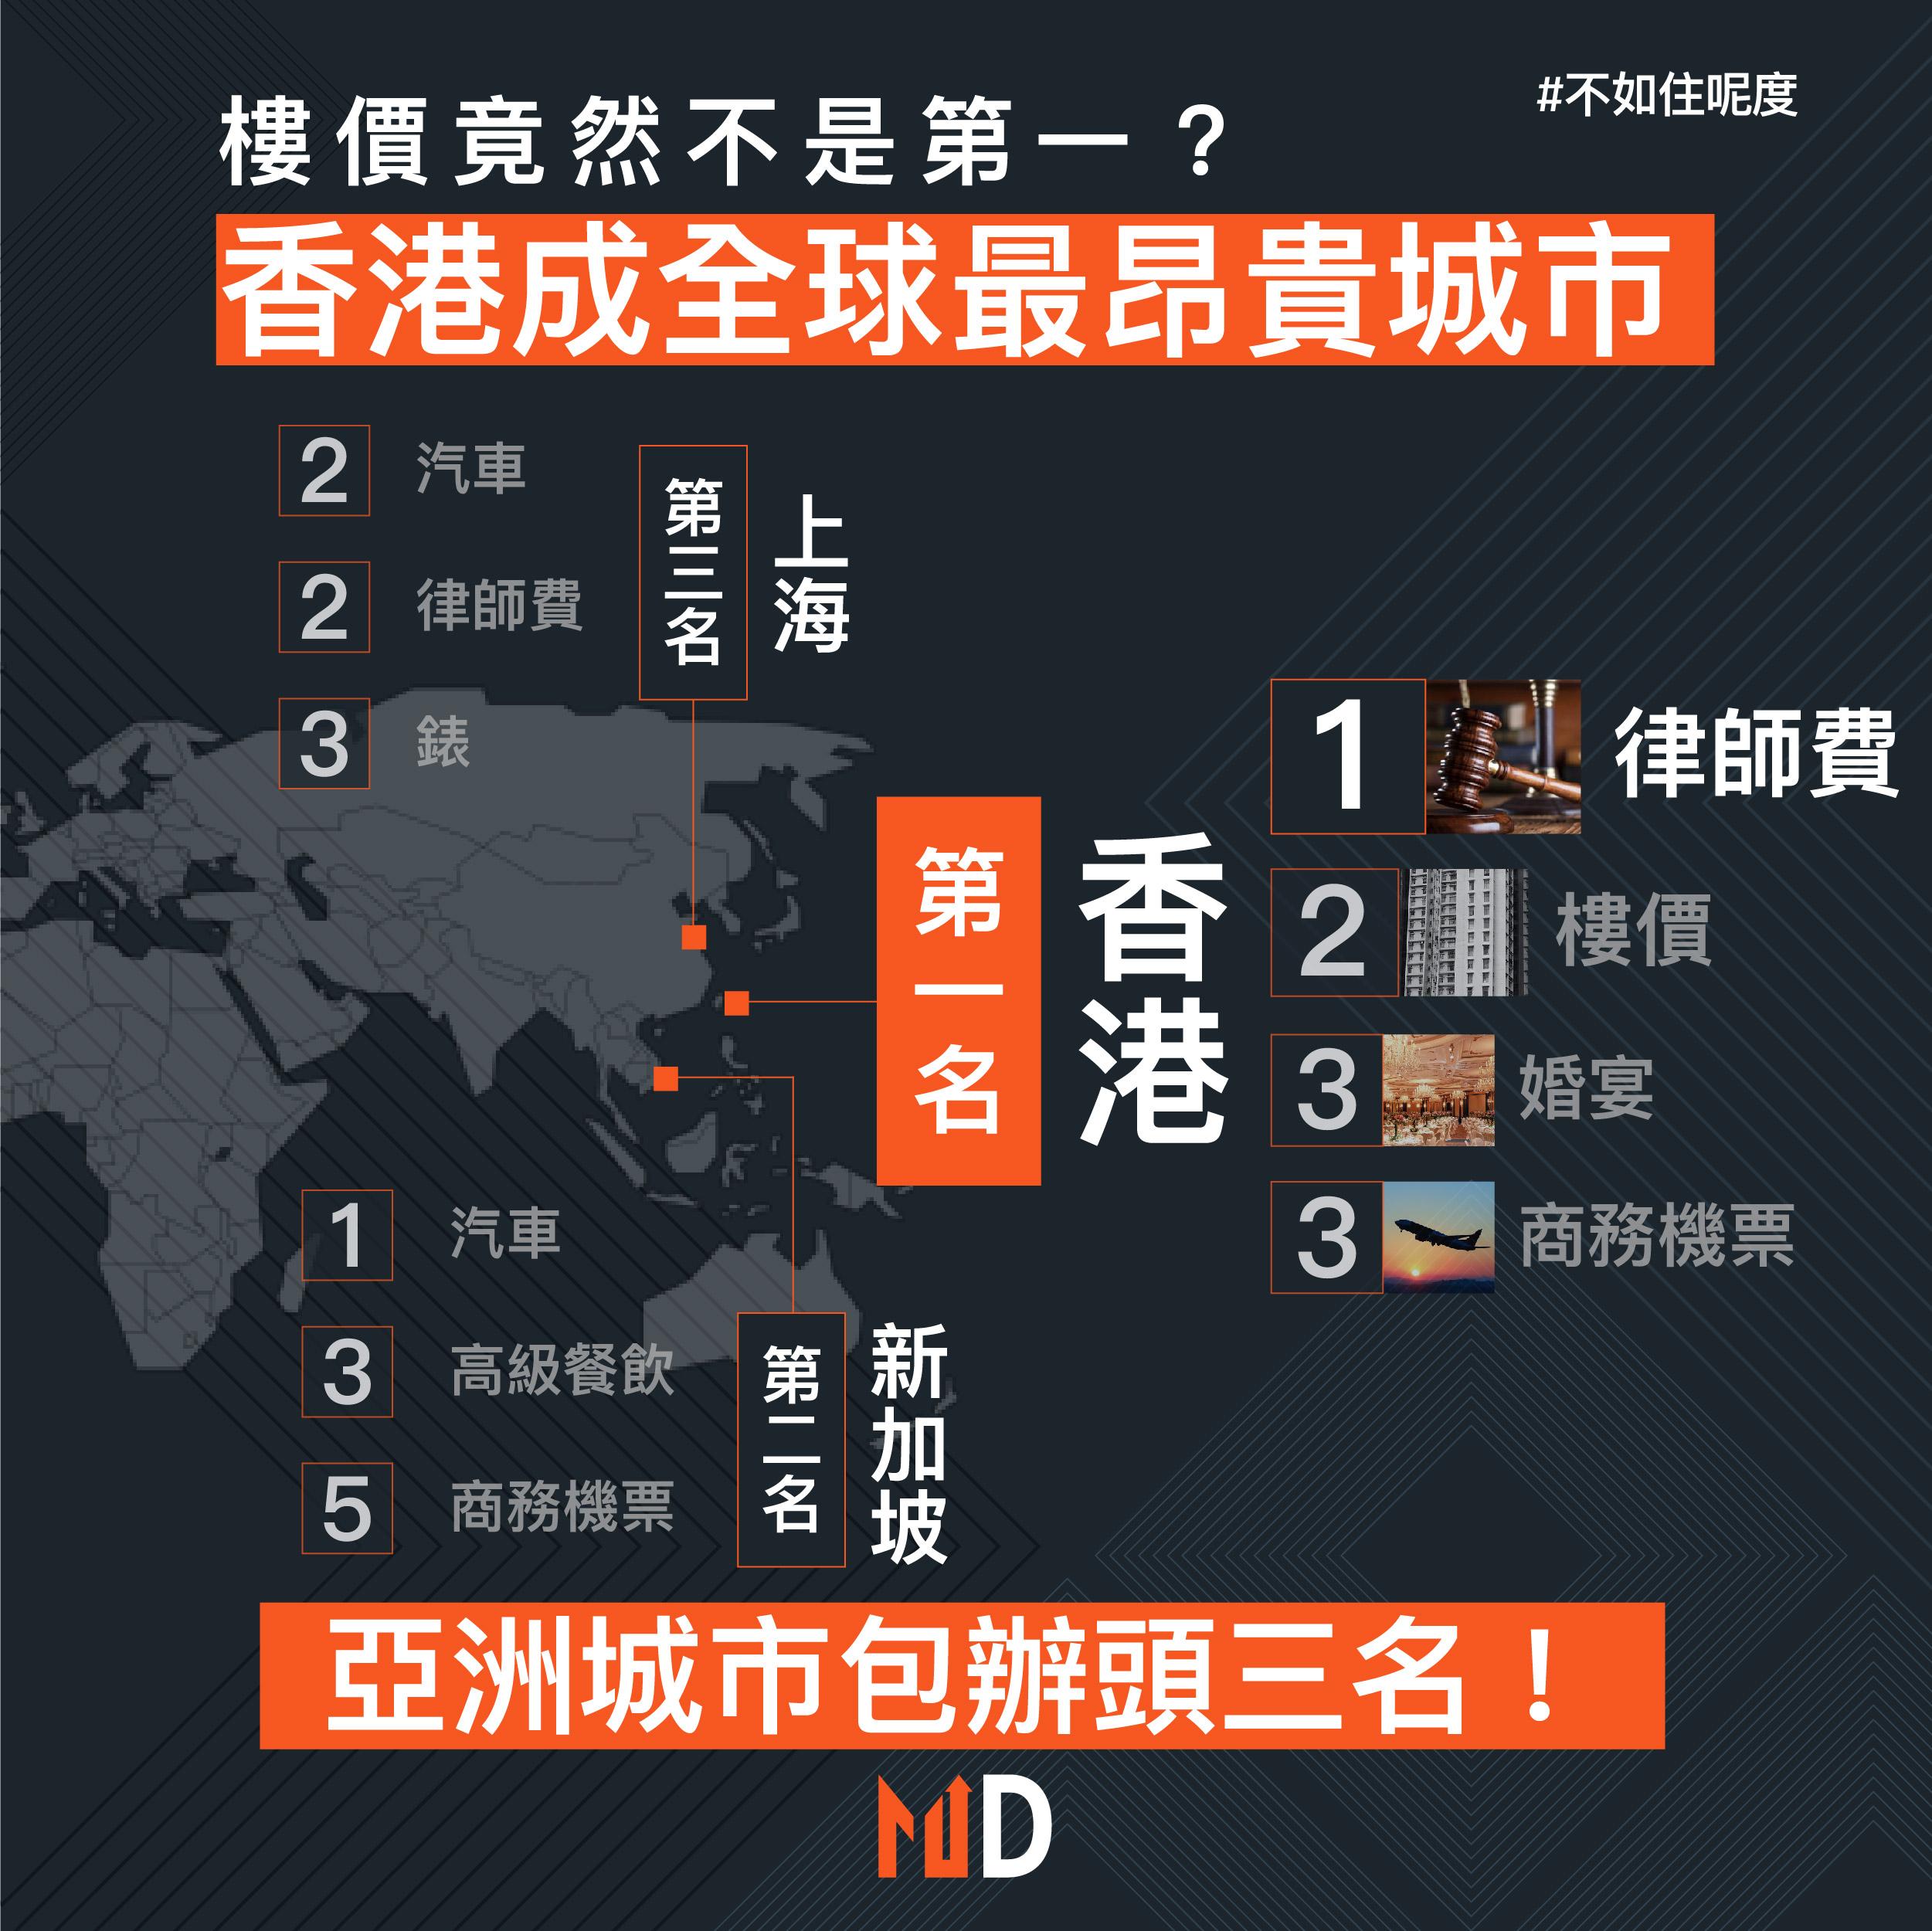 【真係住呢度?】香港成全球最昂貴城市,但樓價竟然不是第一?